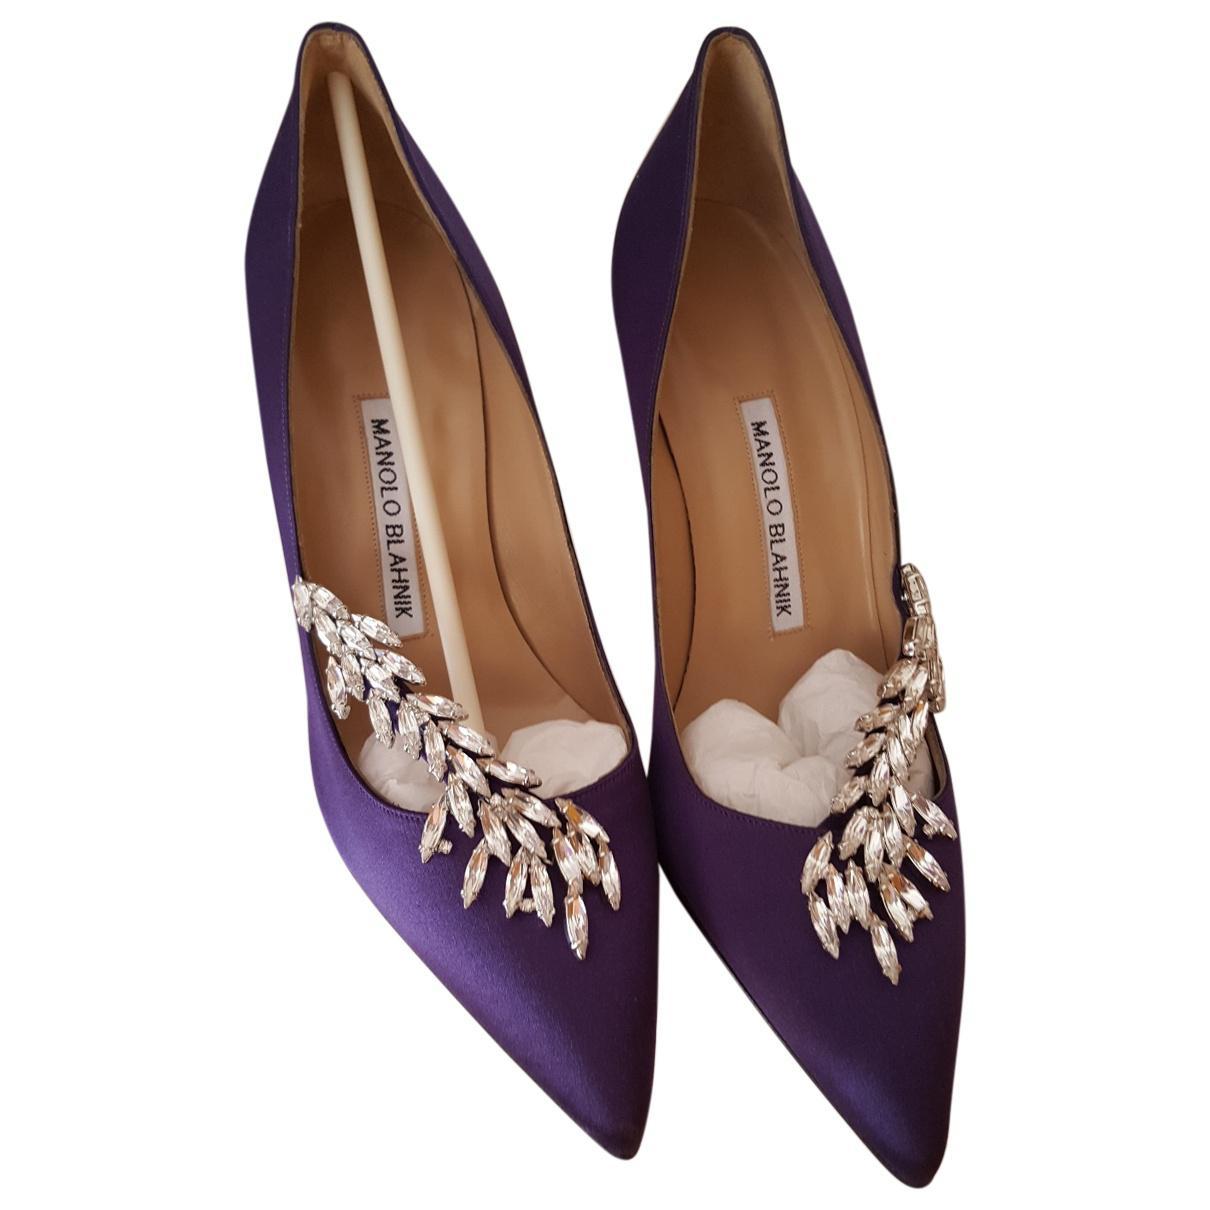 ac83e6a39b8 Lyst - Manolo Blahnik Pre-owned Purple Suede Sandals in Purple